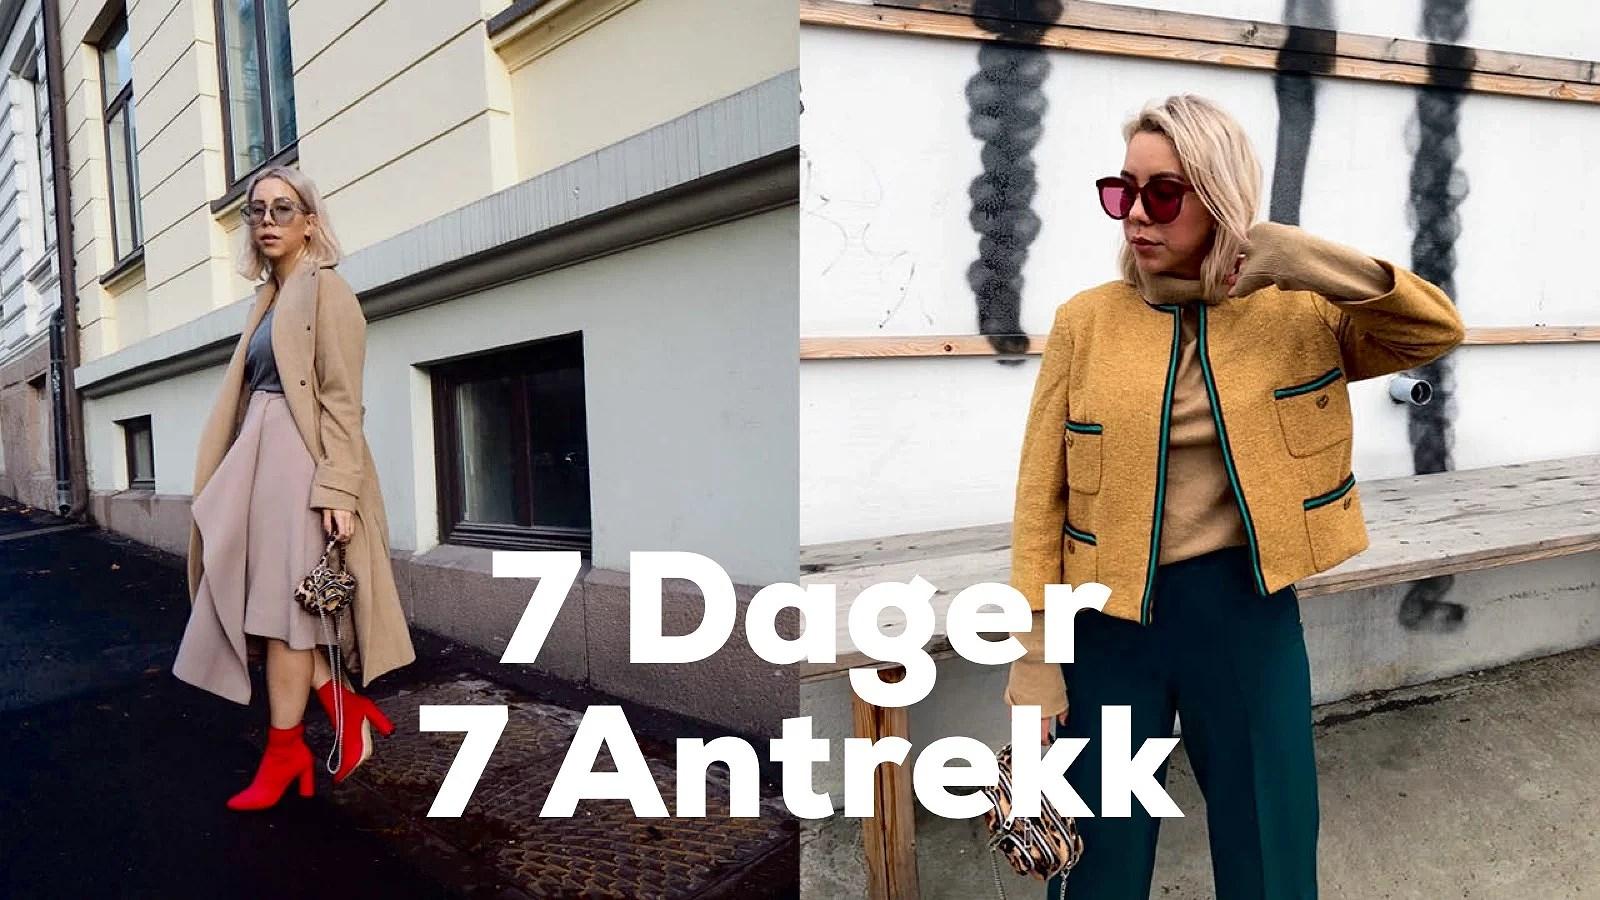 VIDEO: 7 DAGER - 7 ANTREKK